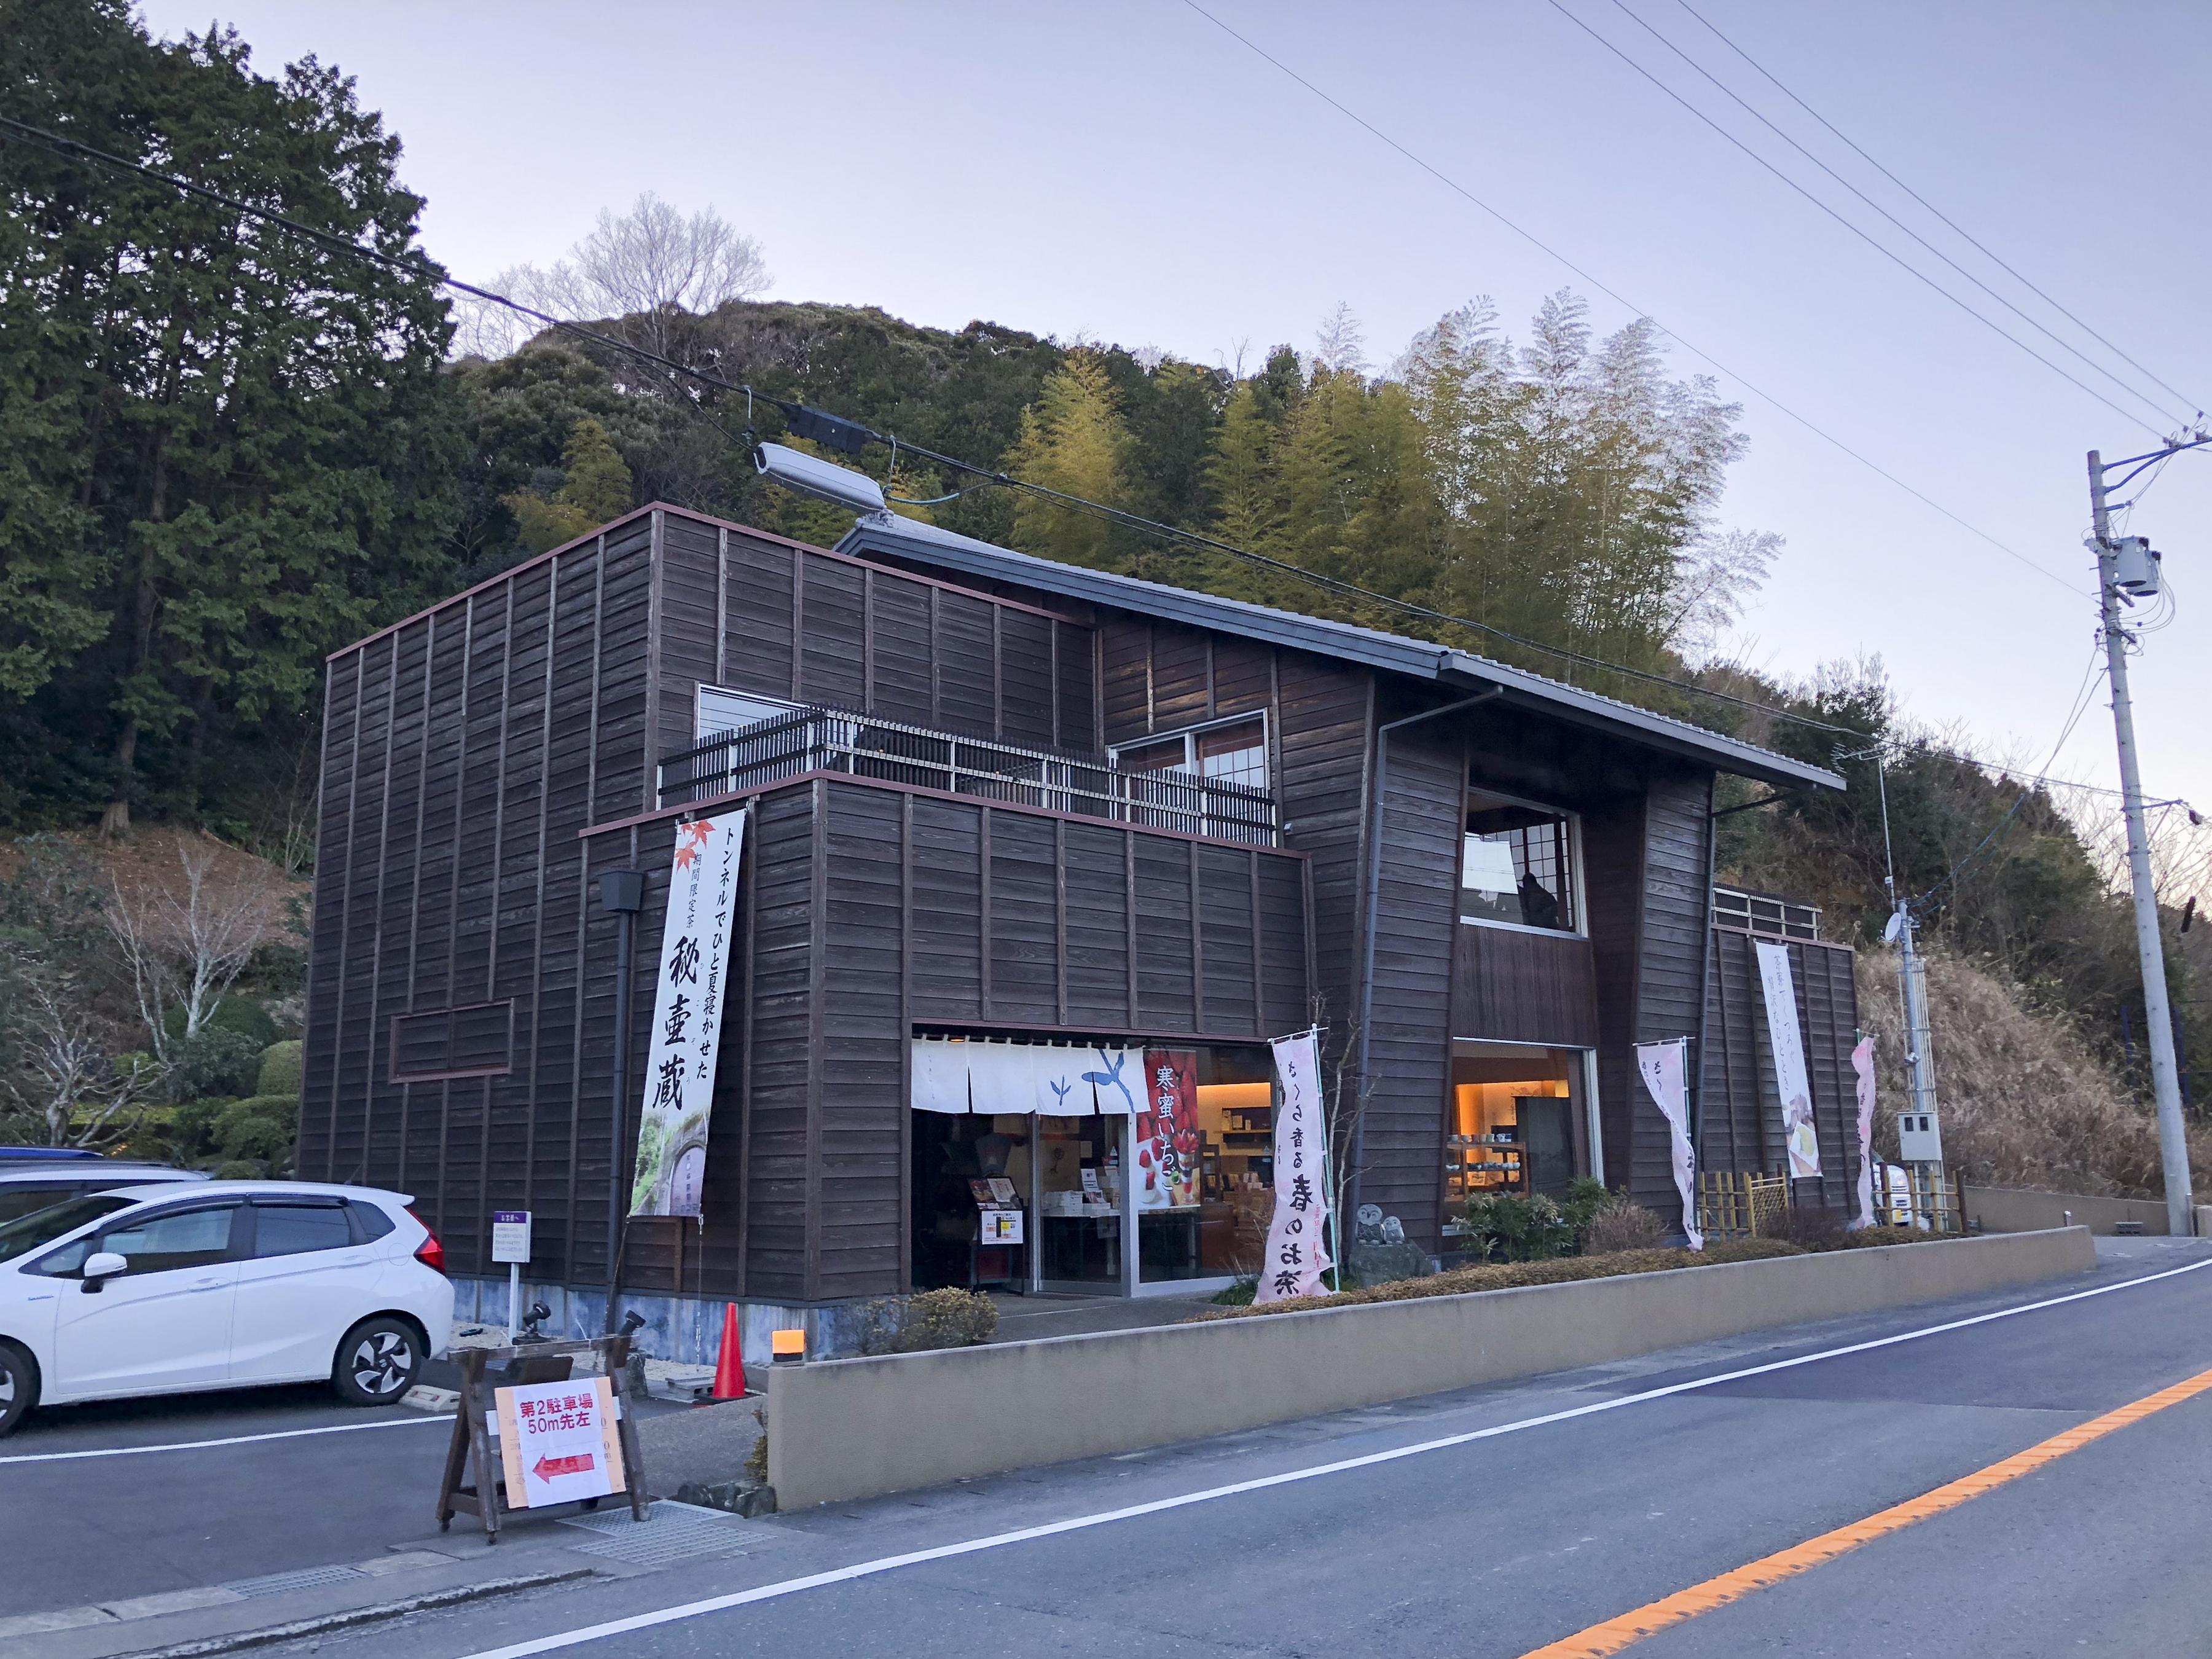 f:id:mitatowa:20180208215017j:plain